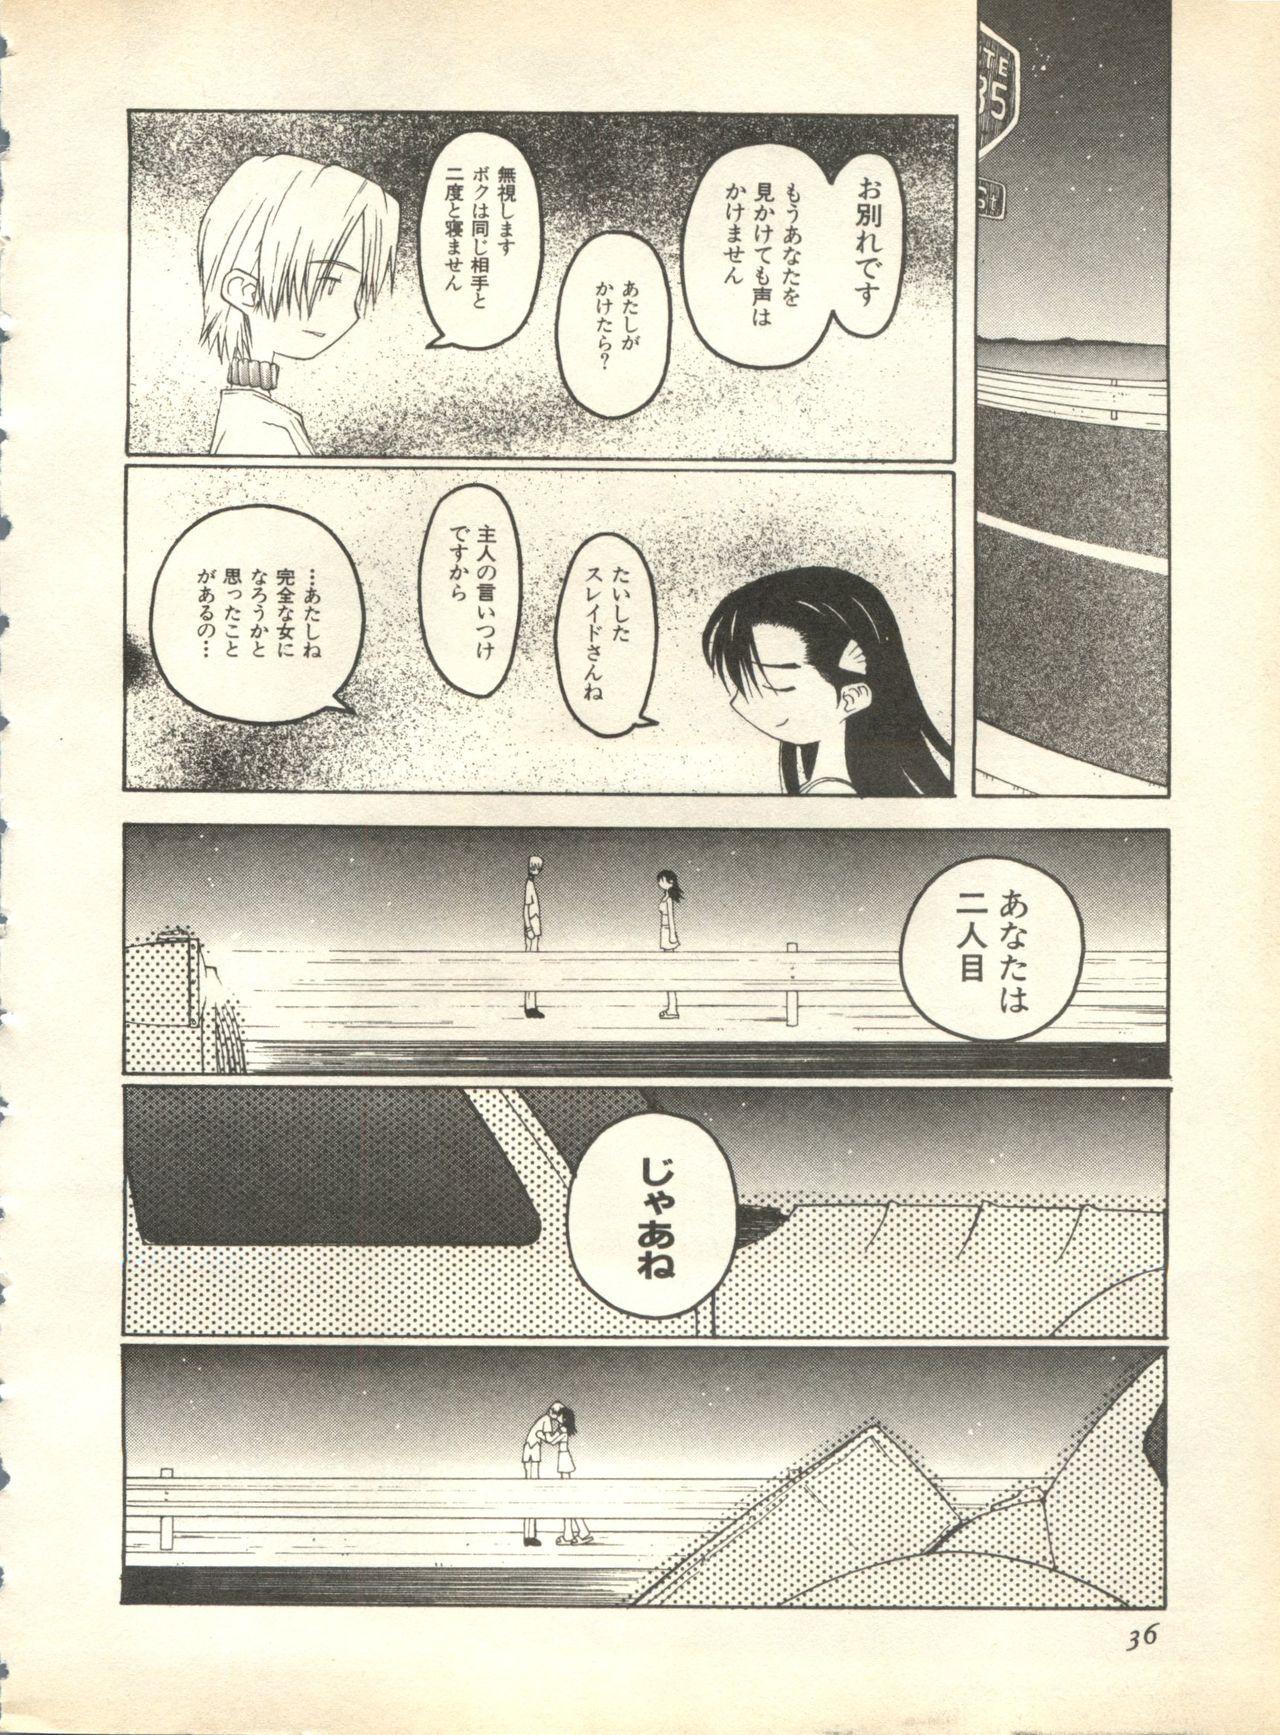 Pai;kuu 1998 October Vol. 13 35